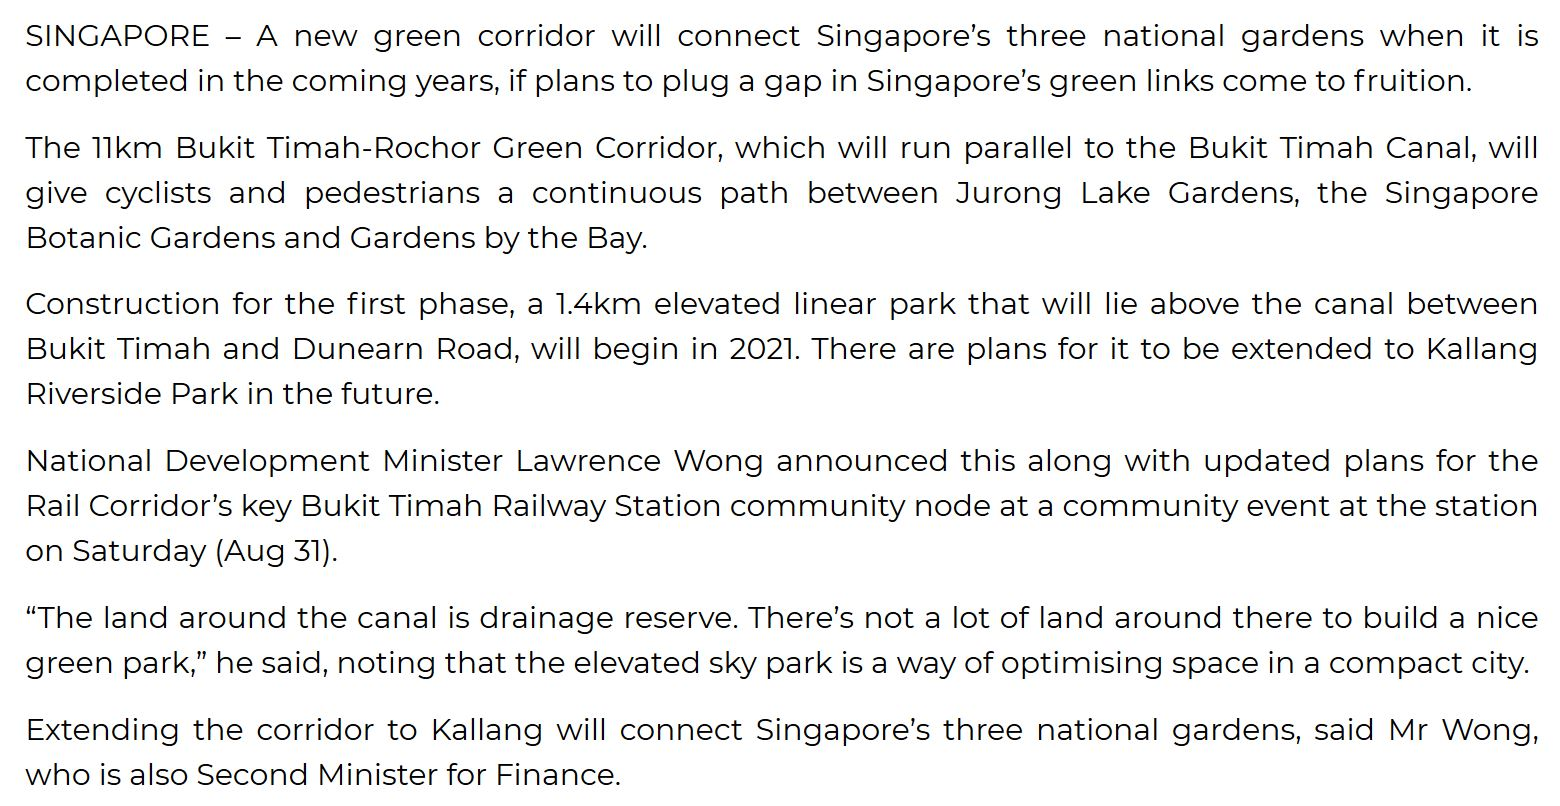 pullman-residences-condo-singapore-news-168007-1